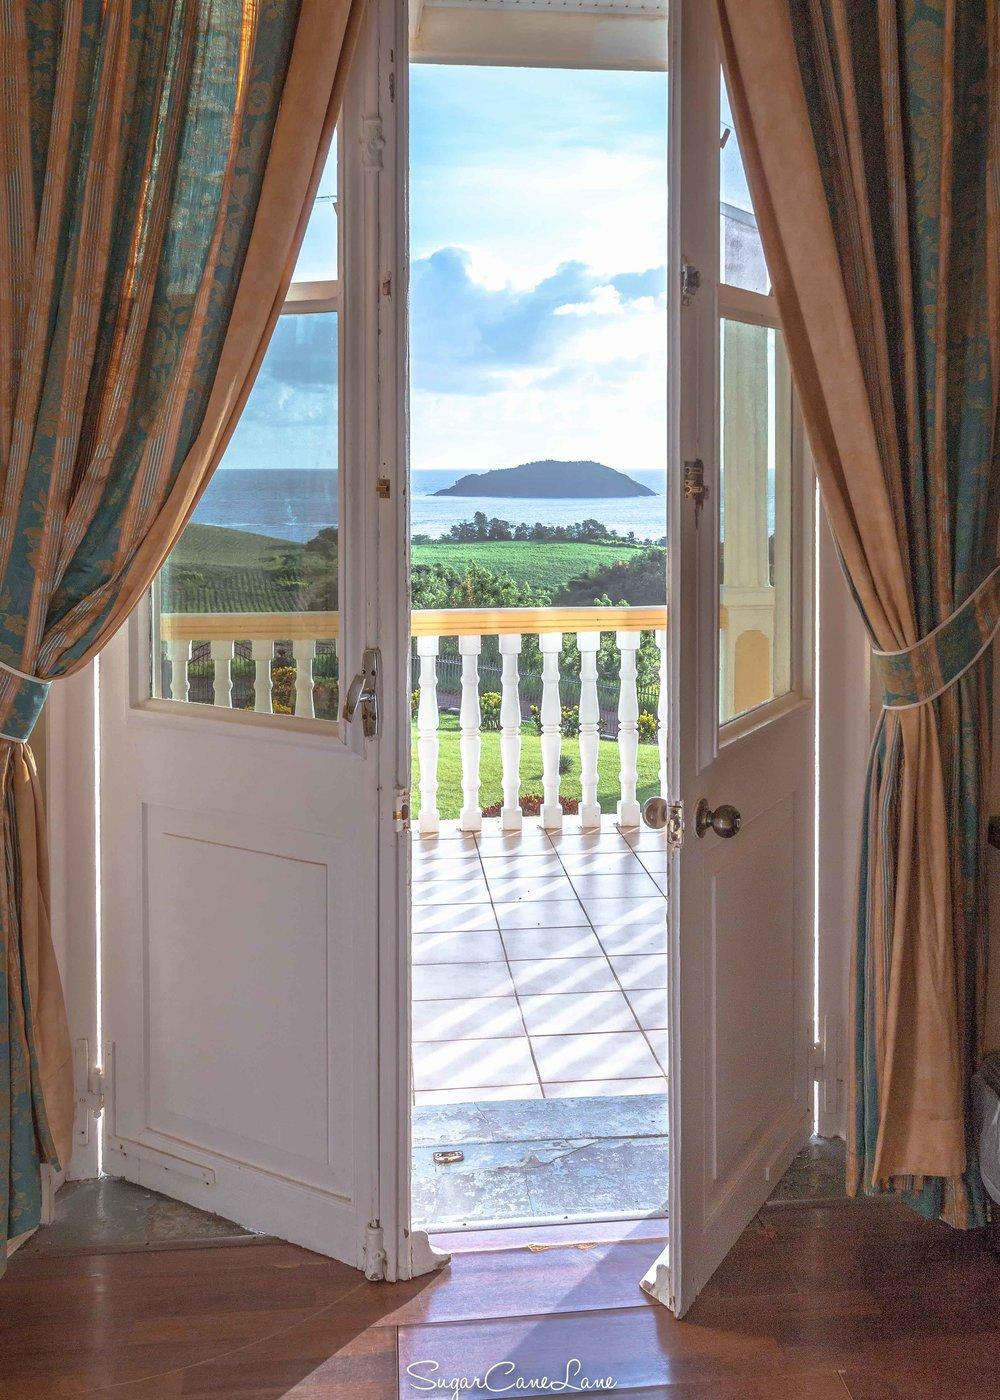 Domaine Saint-Aubin, Martinique : porte ouverte sur mer et veranda